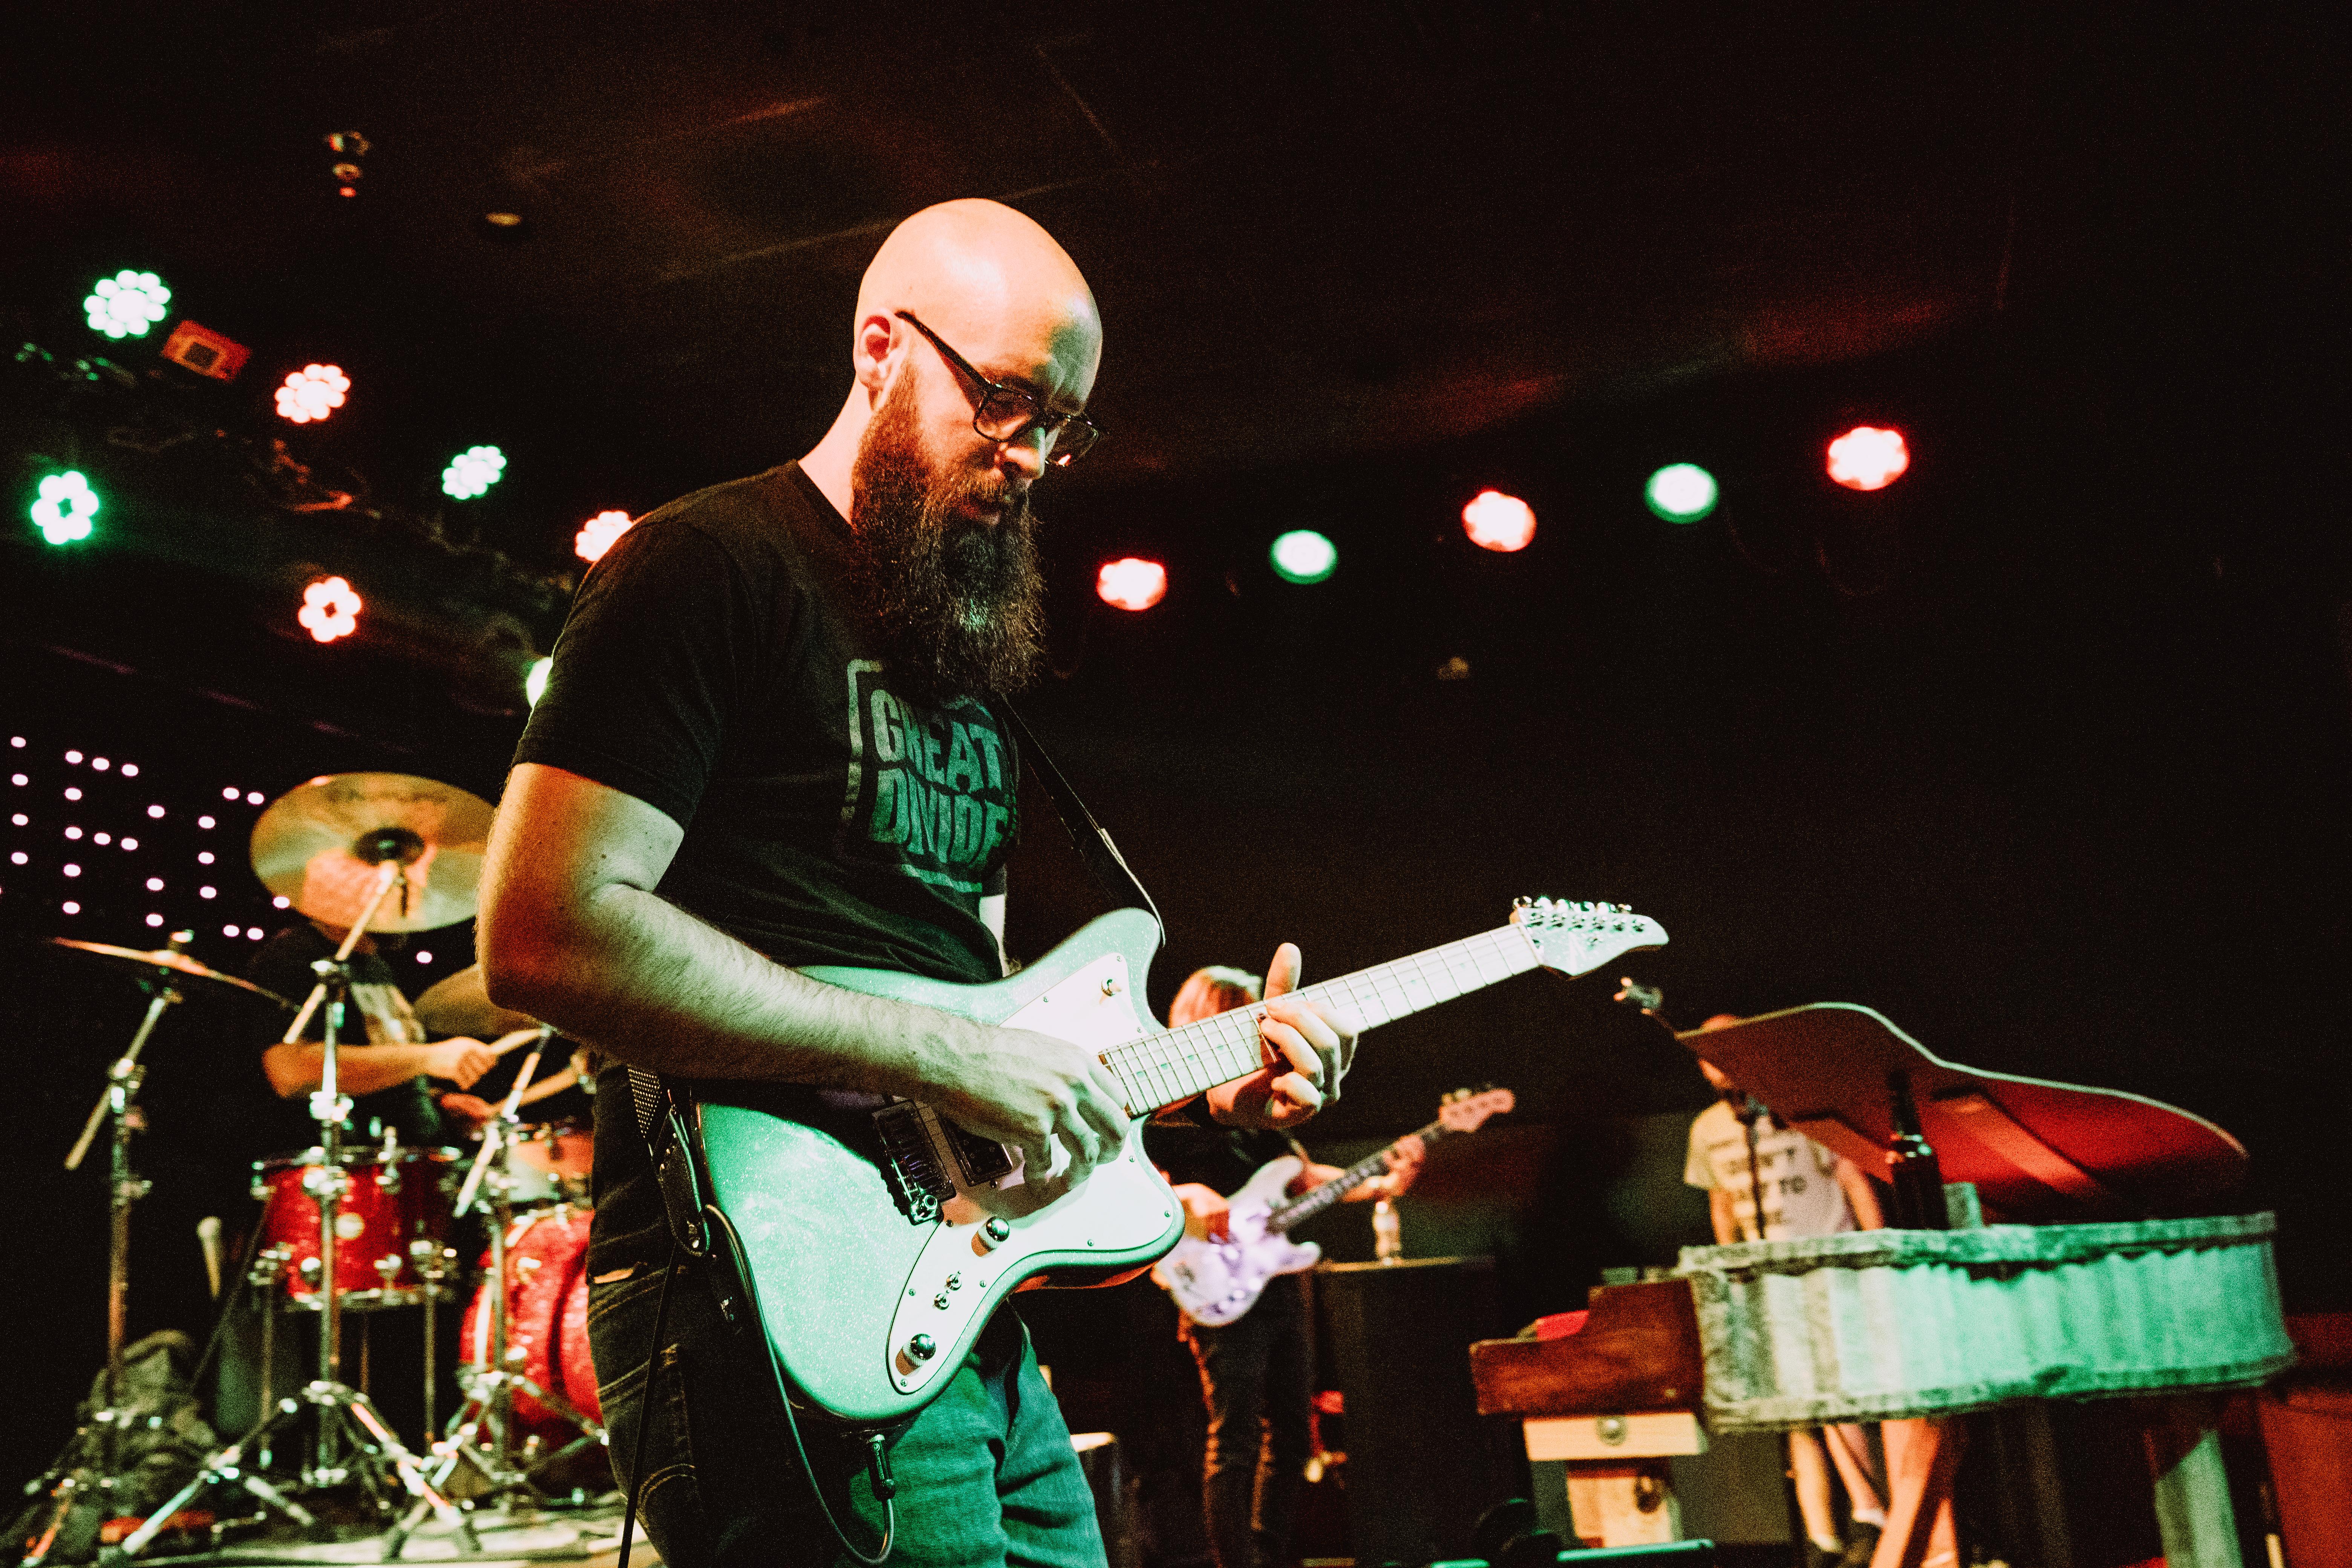 Eric Burgett and his band at Hard Times Café  in Fredericksburg, VA on 8-06-2021. Photos © Kelli Palotay